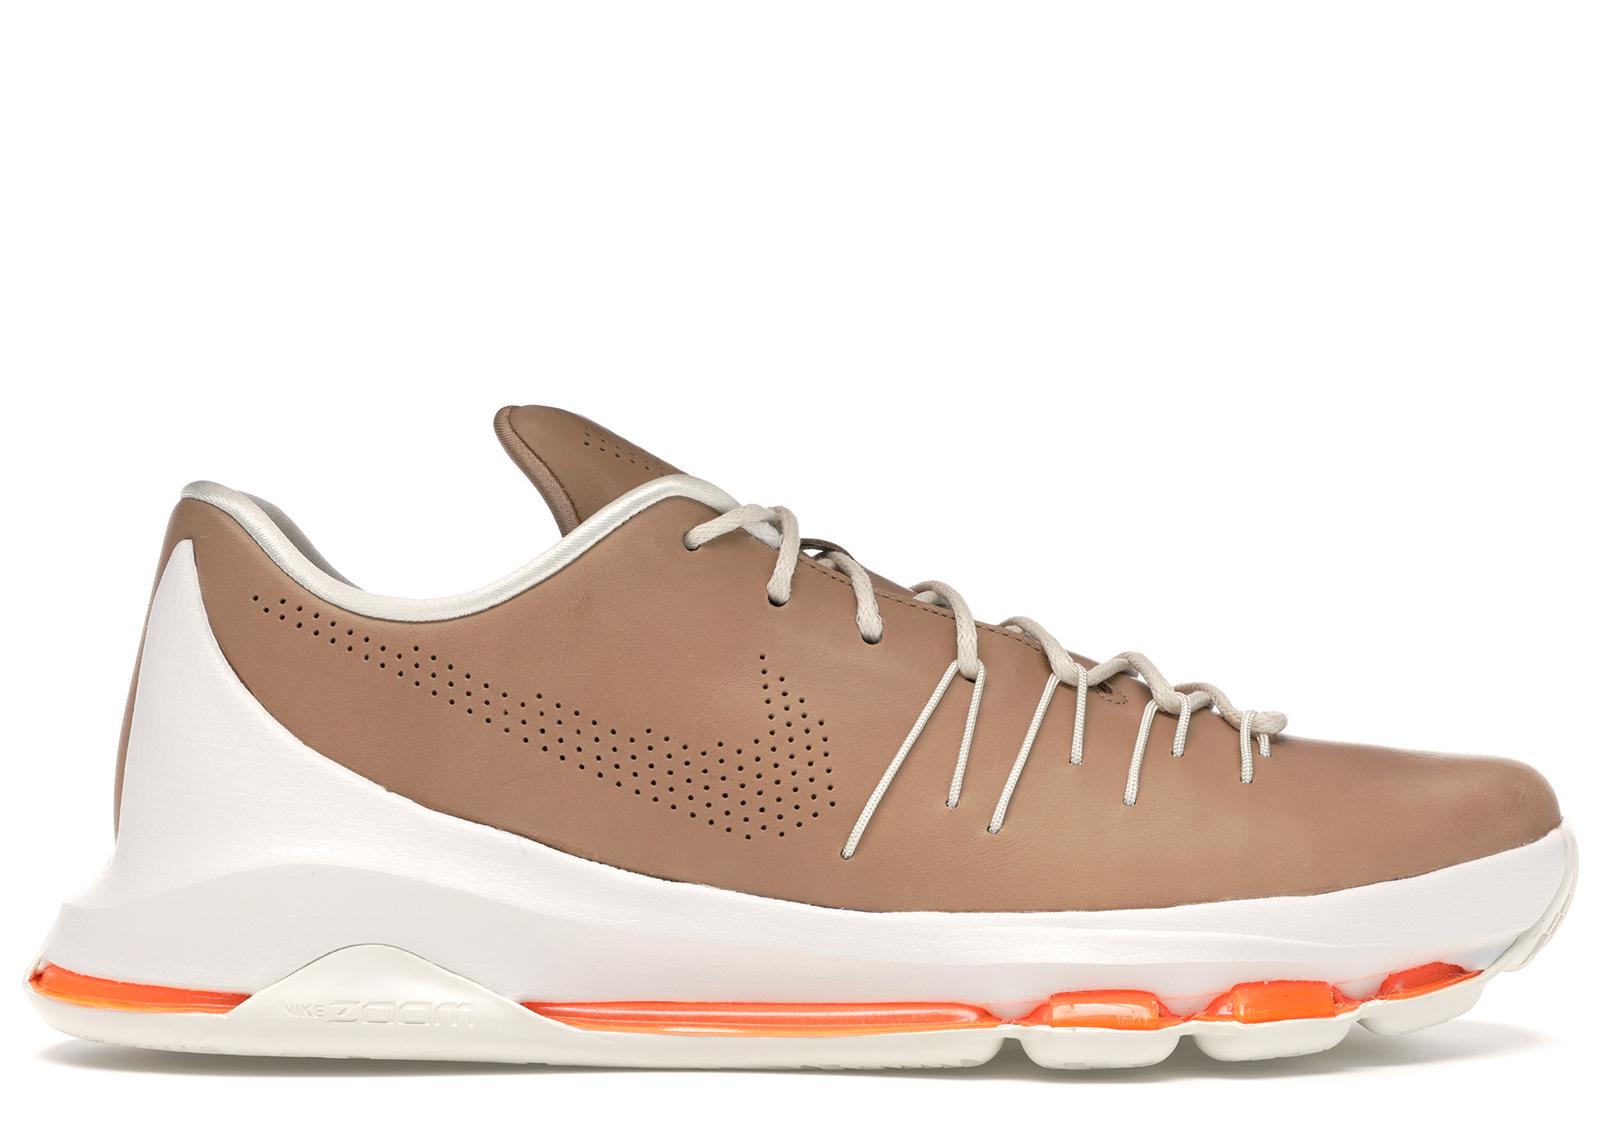 Nike KD 8 EXT Vachetta Tan - 806393-200